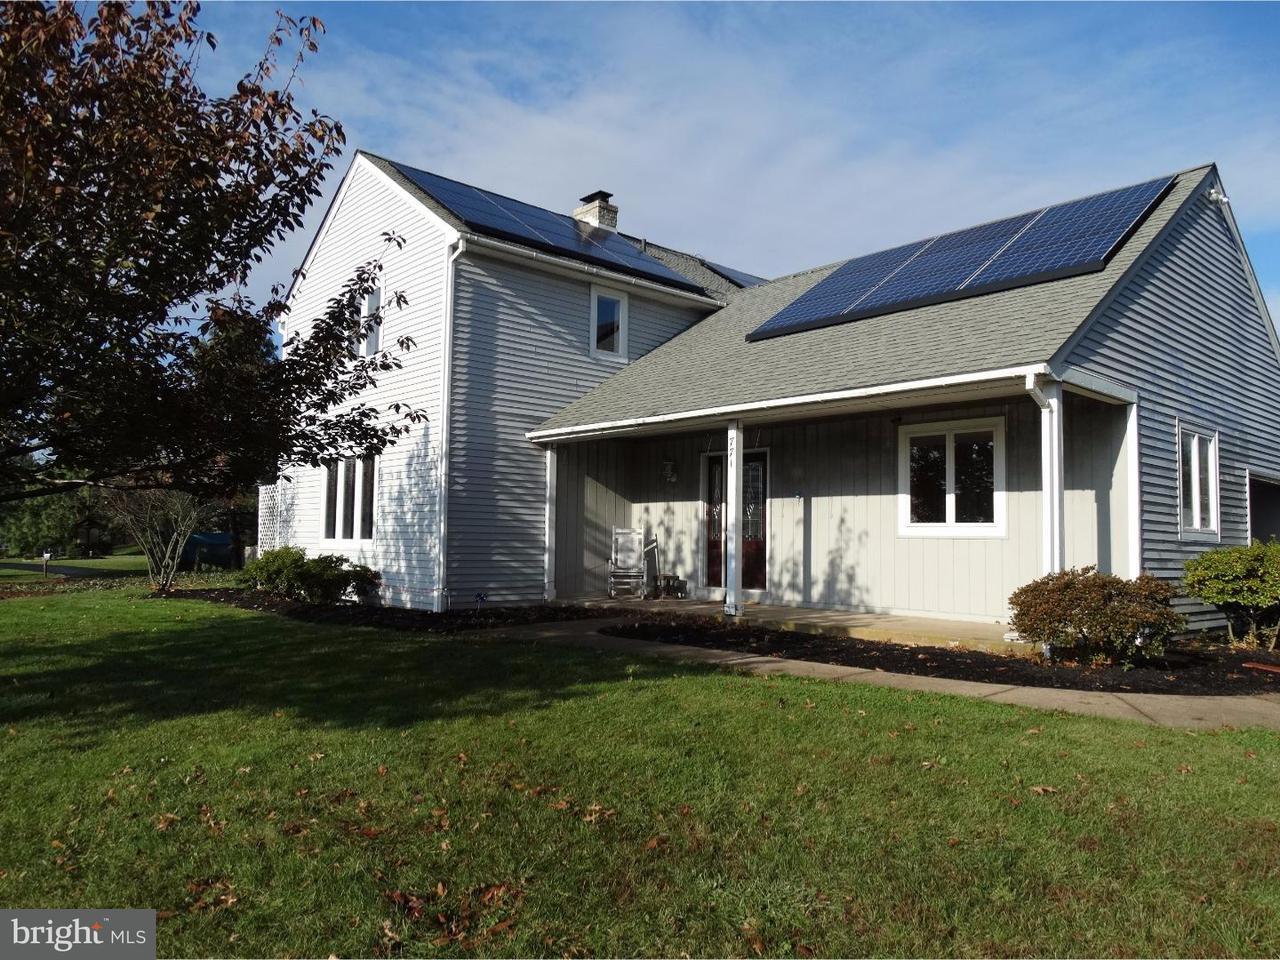 Maison unifamiliale pour l Vente à 771 KELLER CREAMERY Road Telford, Pennsylvanie 18969 États-Unis